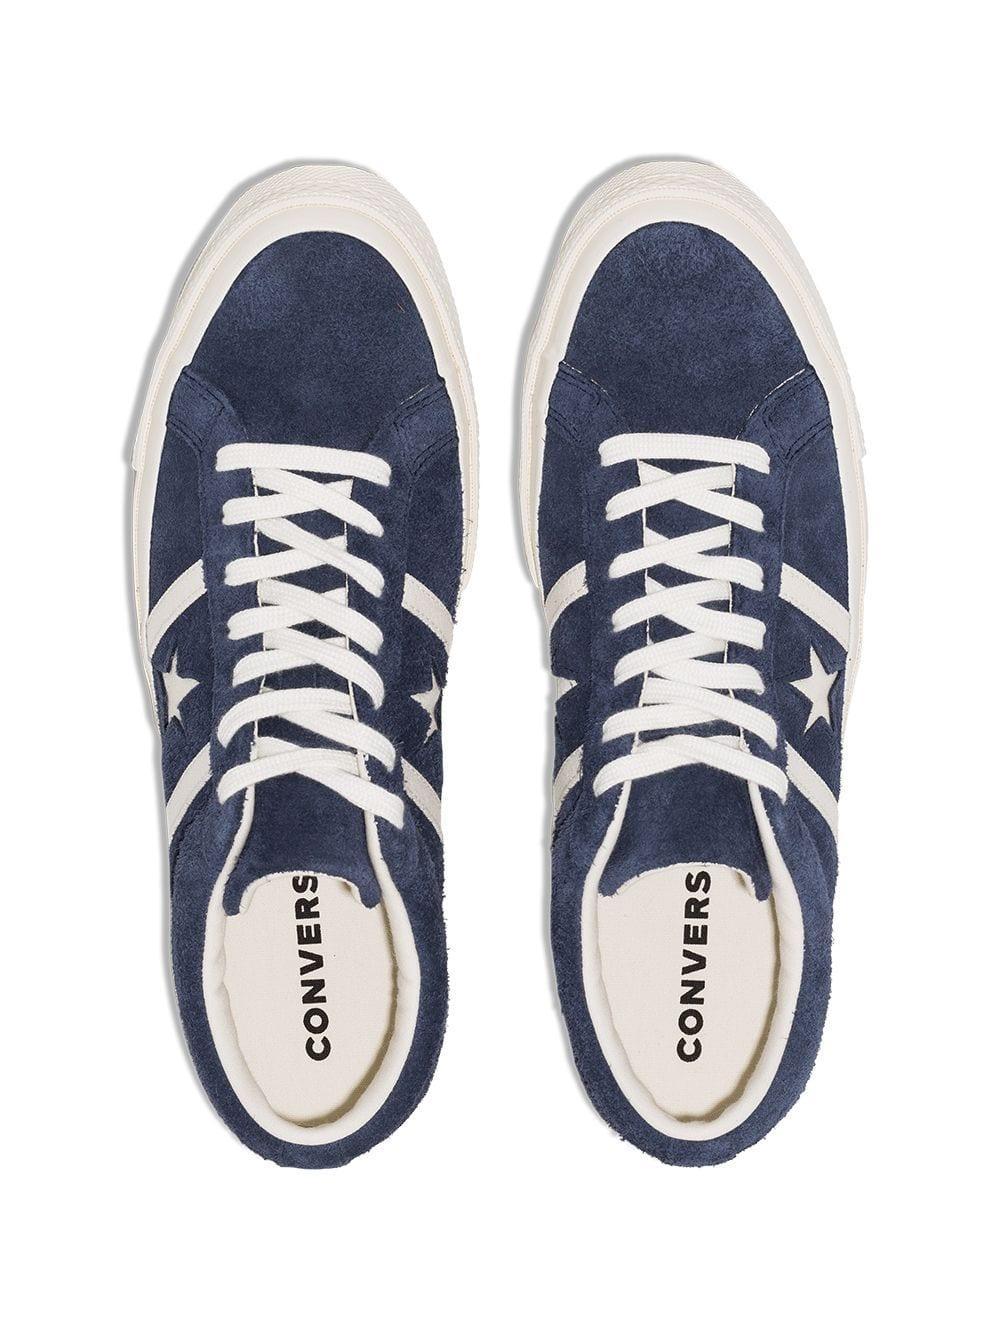 Converse Leer One Star Academy Low-top Sneakers in het Blauw voor heren